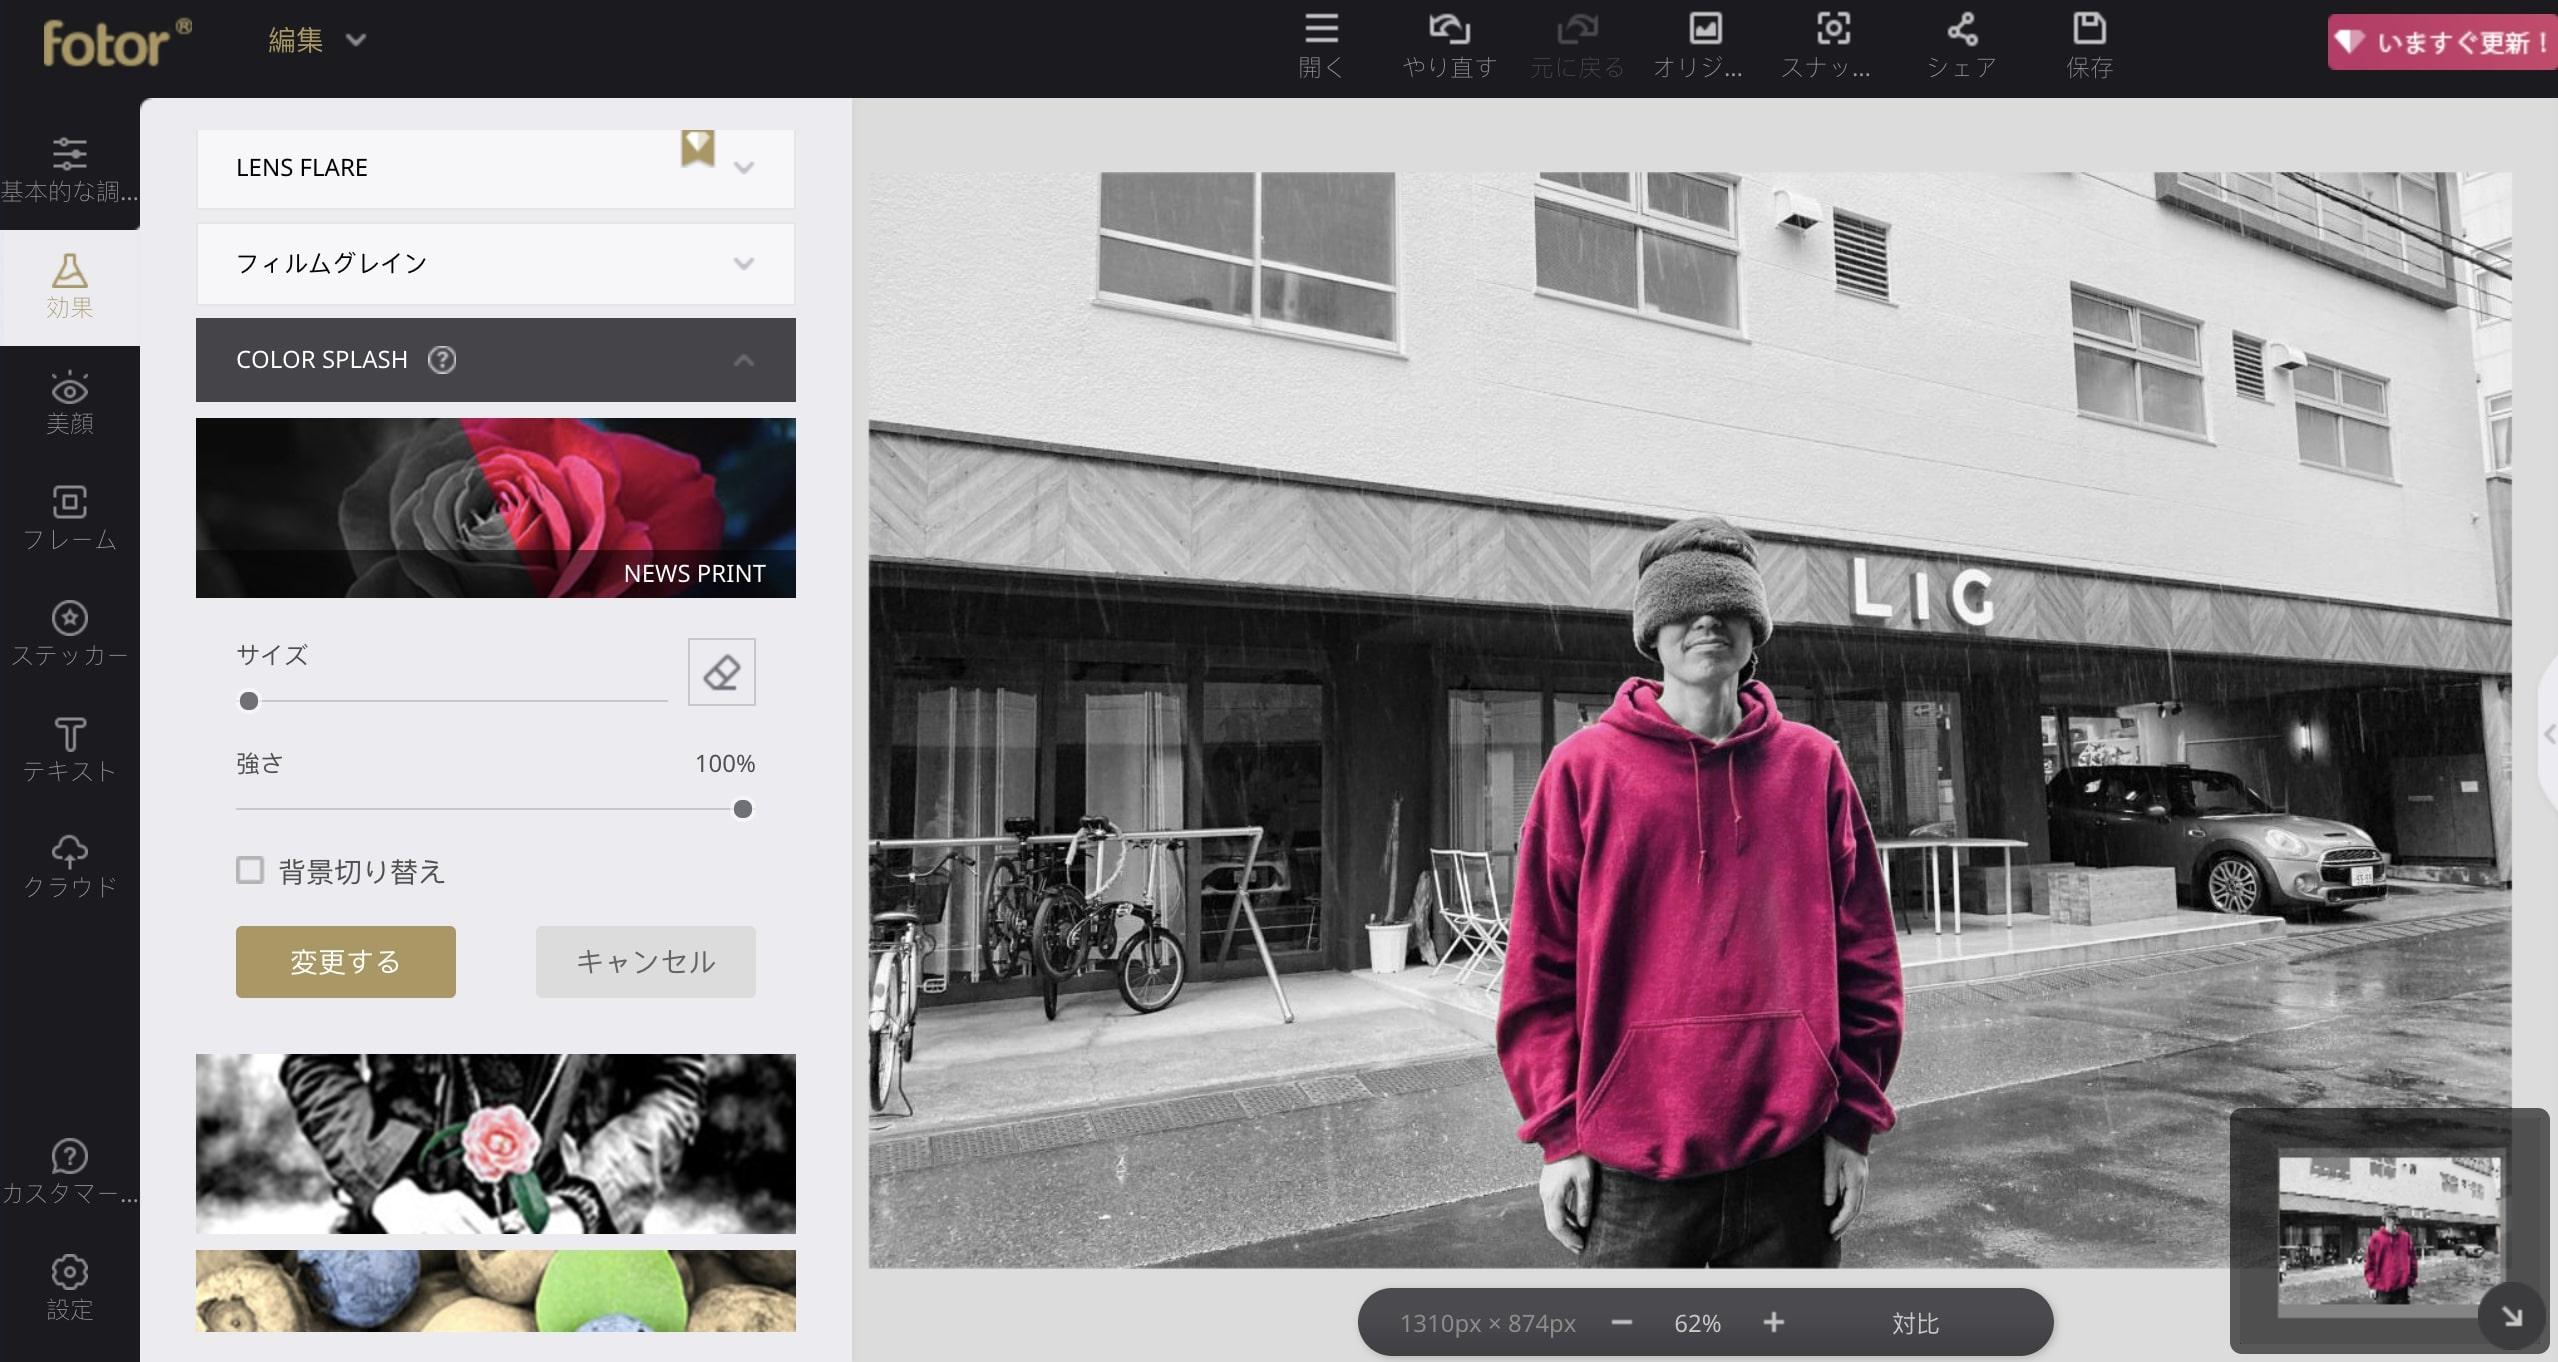 Fotor Color Splashでモノクロ画像の一部だけ色付けした画像